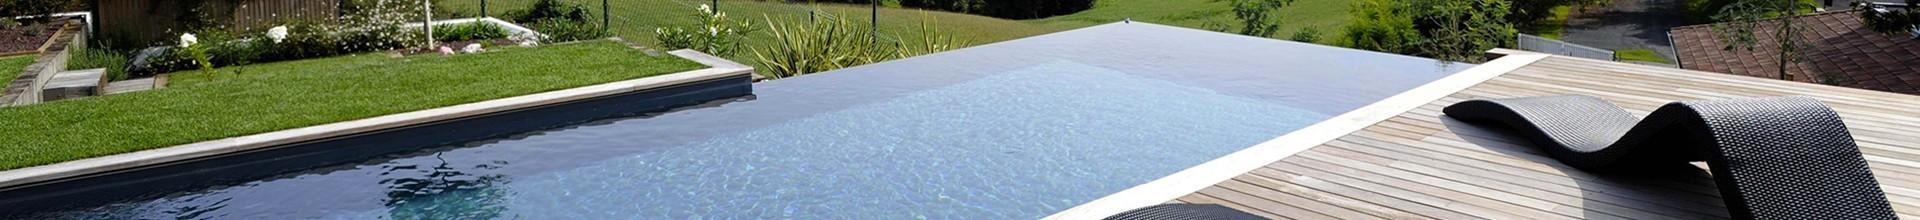 Direct usine, piscine coque prix Yvelines